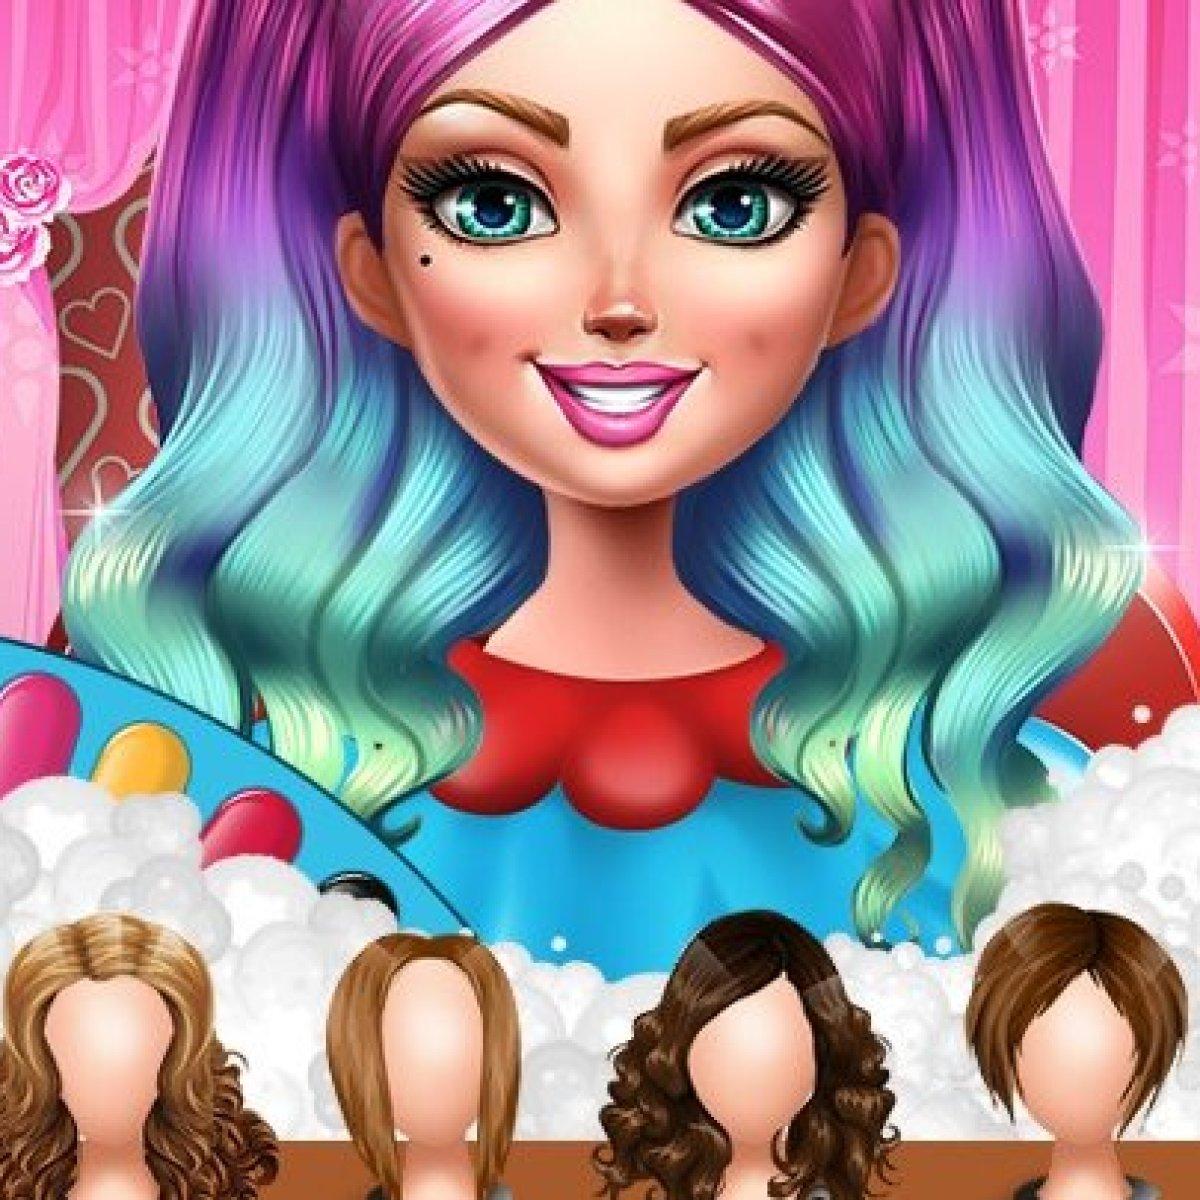 صور لل العاب بنات ستايل تلبيس ومكياج وقص شعر وتنظيف البشرة ومناكير